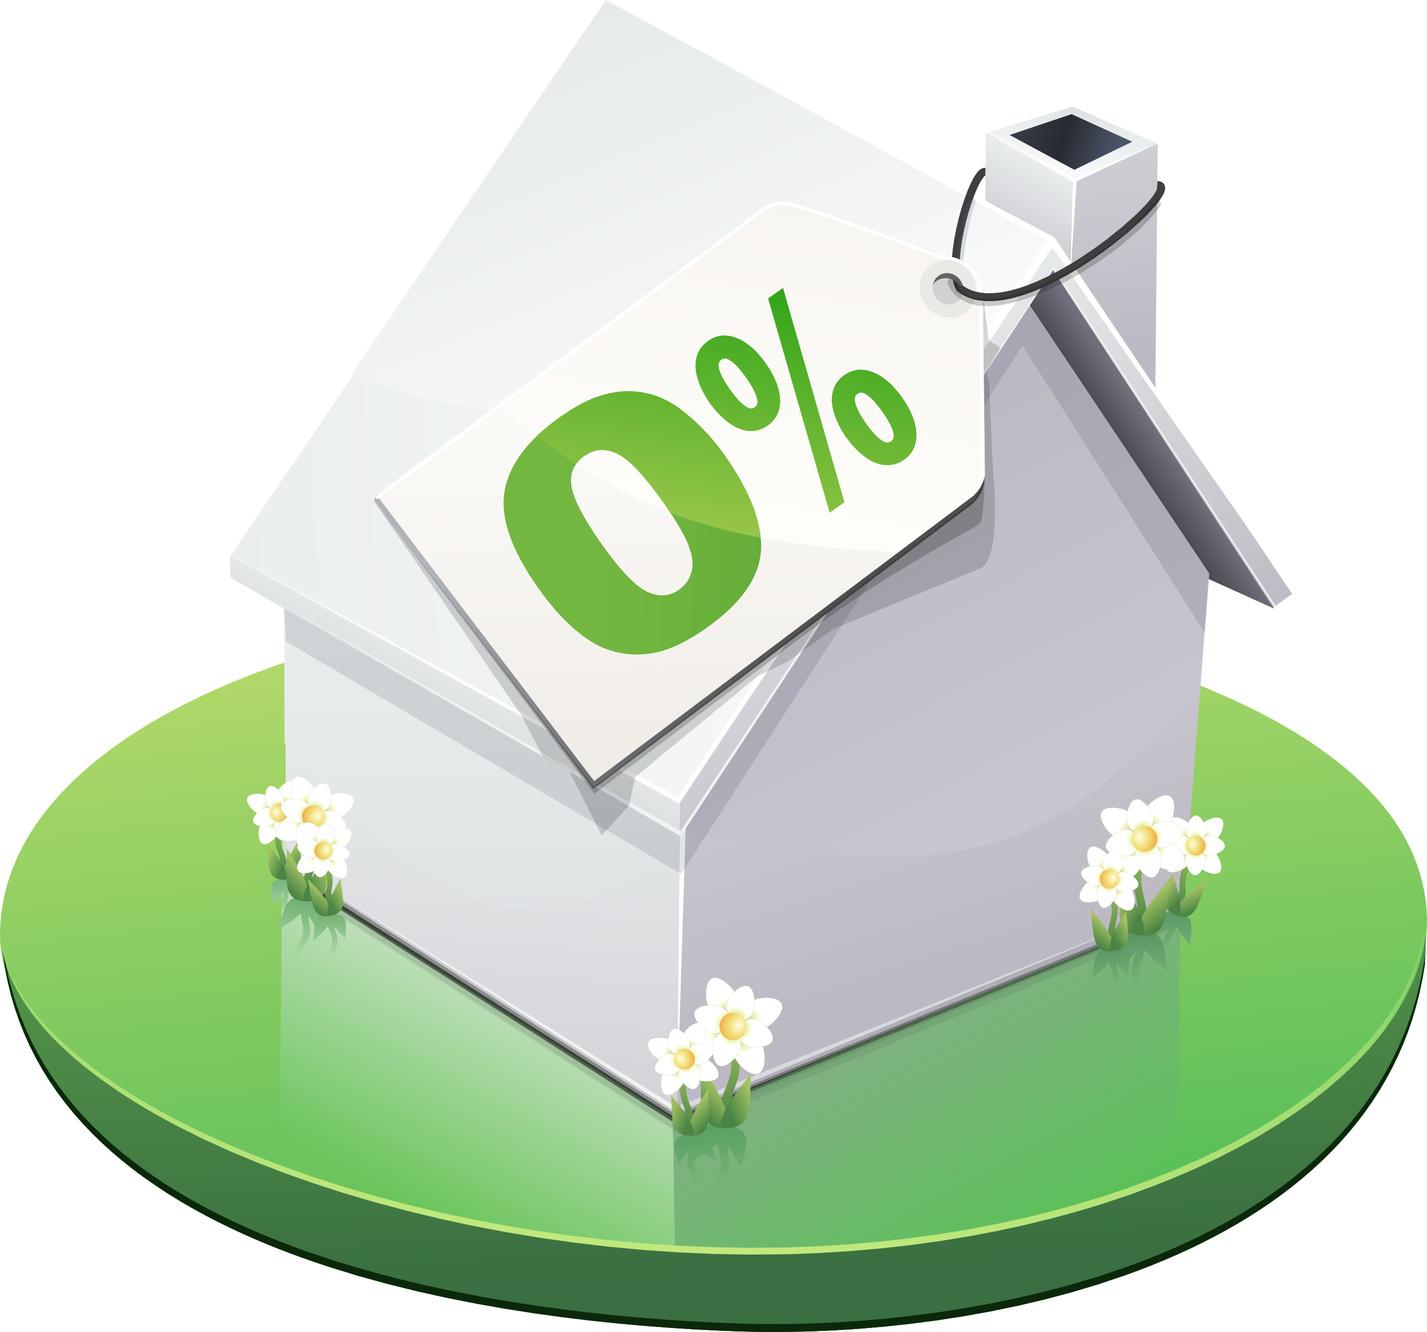 Les professionnels de l'immobilier optimistes face au PTZ 2016